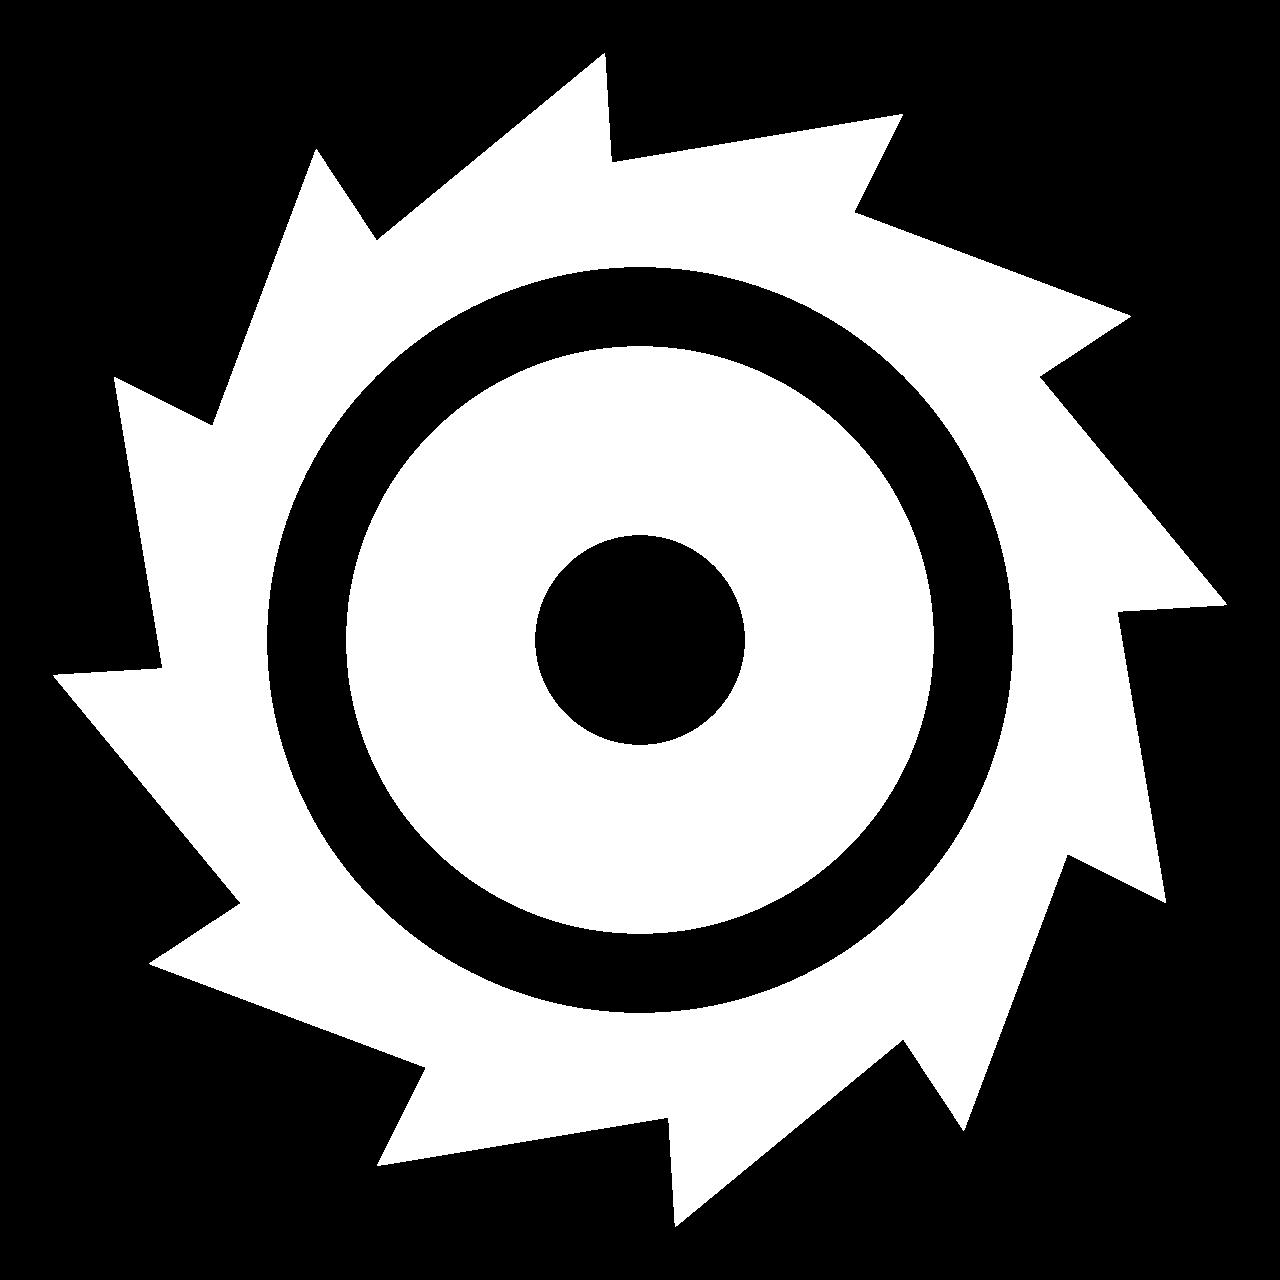 Контактное оружие Иконка